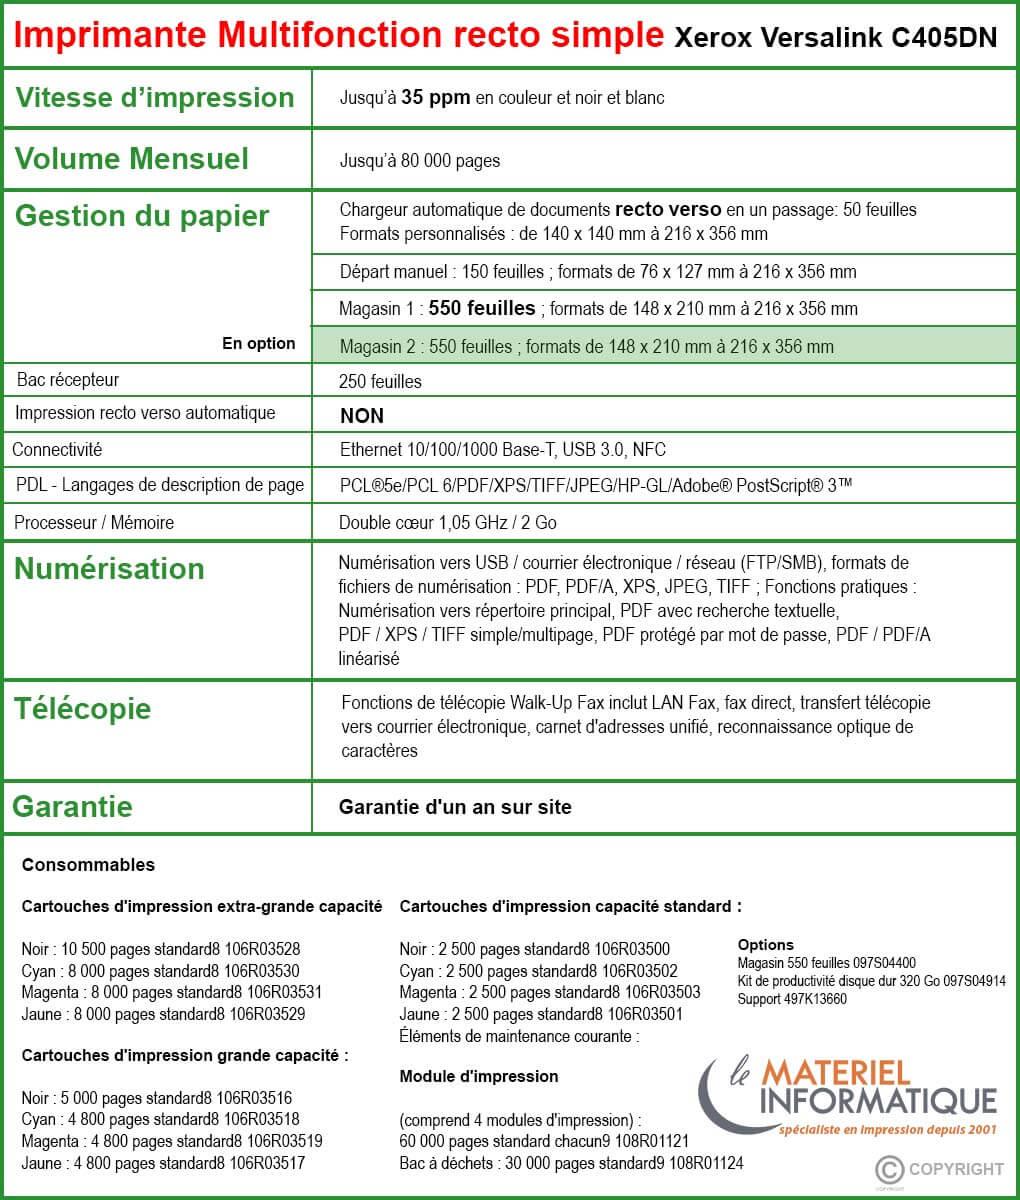 Tableau Xerox C405N imprimante multifonction recto